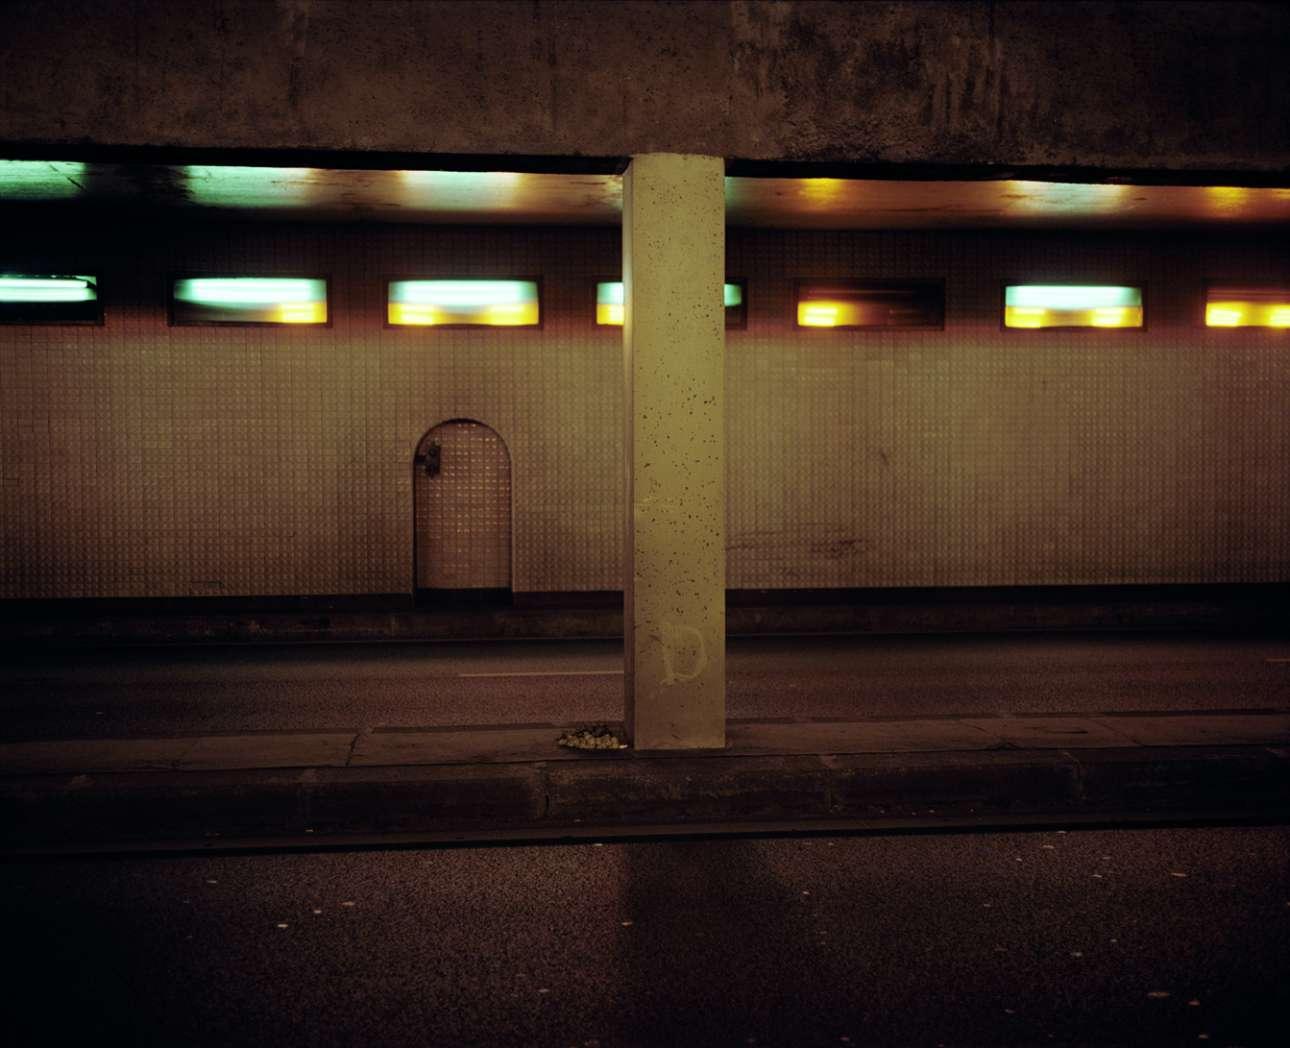 Νταϊάνα Σπένσερ, Σήραγγα Pont-de-l'Alma, Παρίσι, 31 Αυγούστου 1997. Η πριγκίπισσα της Ουαλίας Νταϊάνα και ο Ντόντι Αλ Φαγιέντ δειπνούν στο Ritz. Για να ξεφύγουν από τους παπαράτσι, βγαίνουν από την πίσω είσοδο. Ενα αυτοκίνητο τους περιμένει. Παρά τις προφυλάξεις τους, ορισμένοι φωτογράφοι τους ακολουθούν. Για να τους αποφύγει, ο οδηγός τρέχει με μεγάλη ταχύτητα μπαίνοντας στη σήραγγα Alma. Η Μερσεντές χτύπησε πρώτα ένα αυτοκίνητο πριν συντριβεί σε μία κολόνα στη μέση της σήραγγας. Ο Αλ Φαγιέντ και ο οδηγός πεθαίνουν αμέσως. Η Lady Di μεταφέρεται στο νοσοκομείο και ξεψυχά λίγες ώρες αργότερα